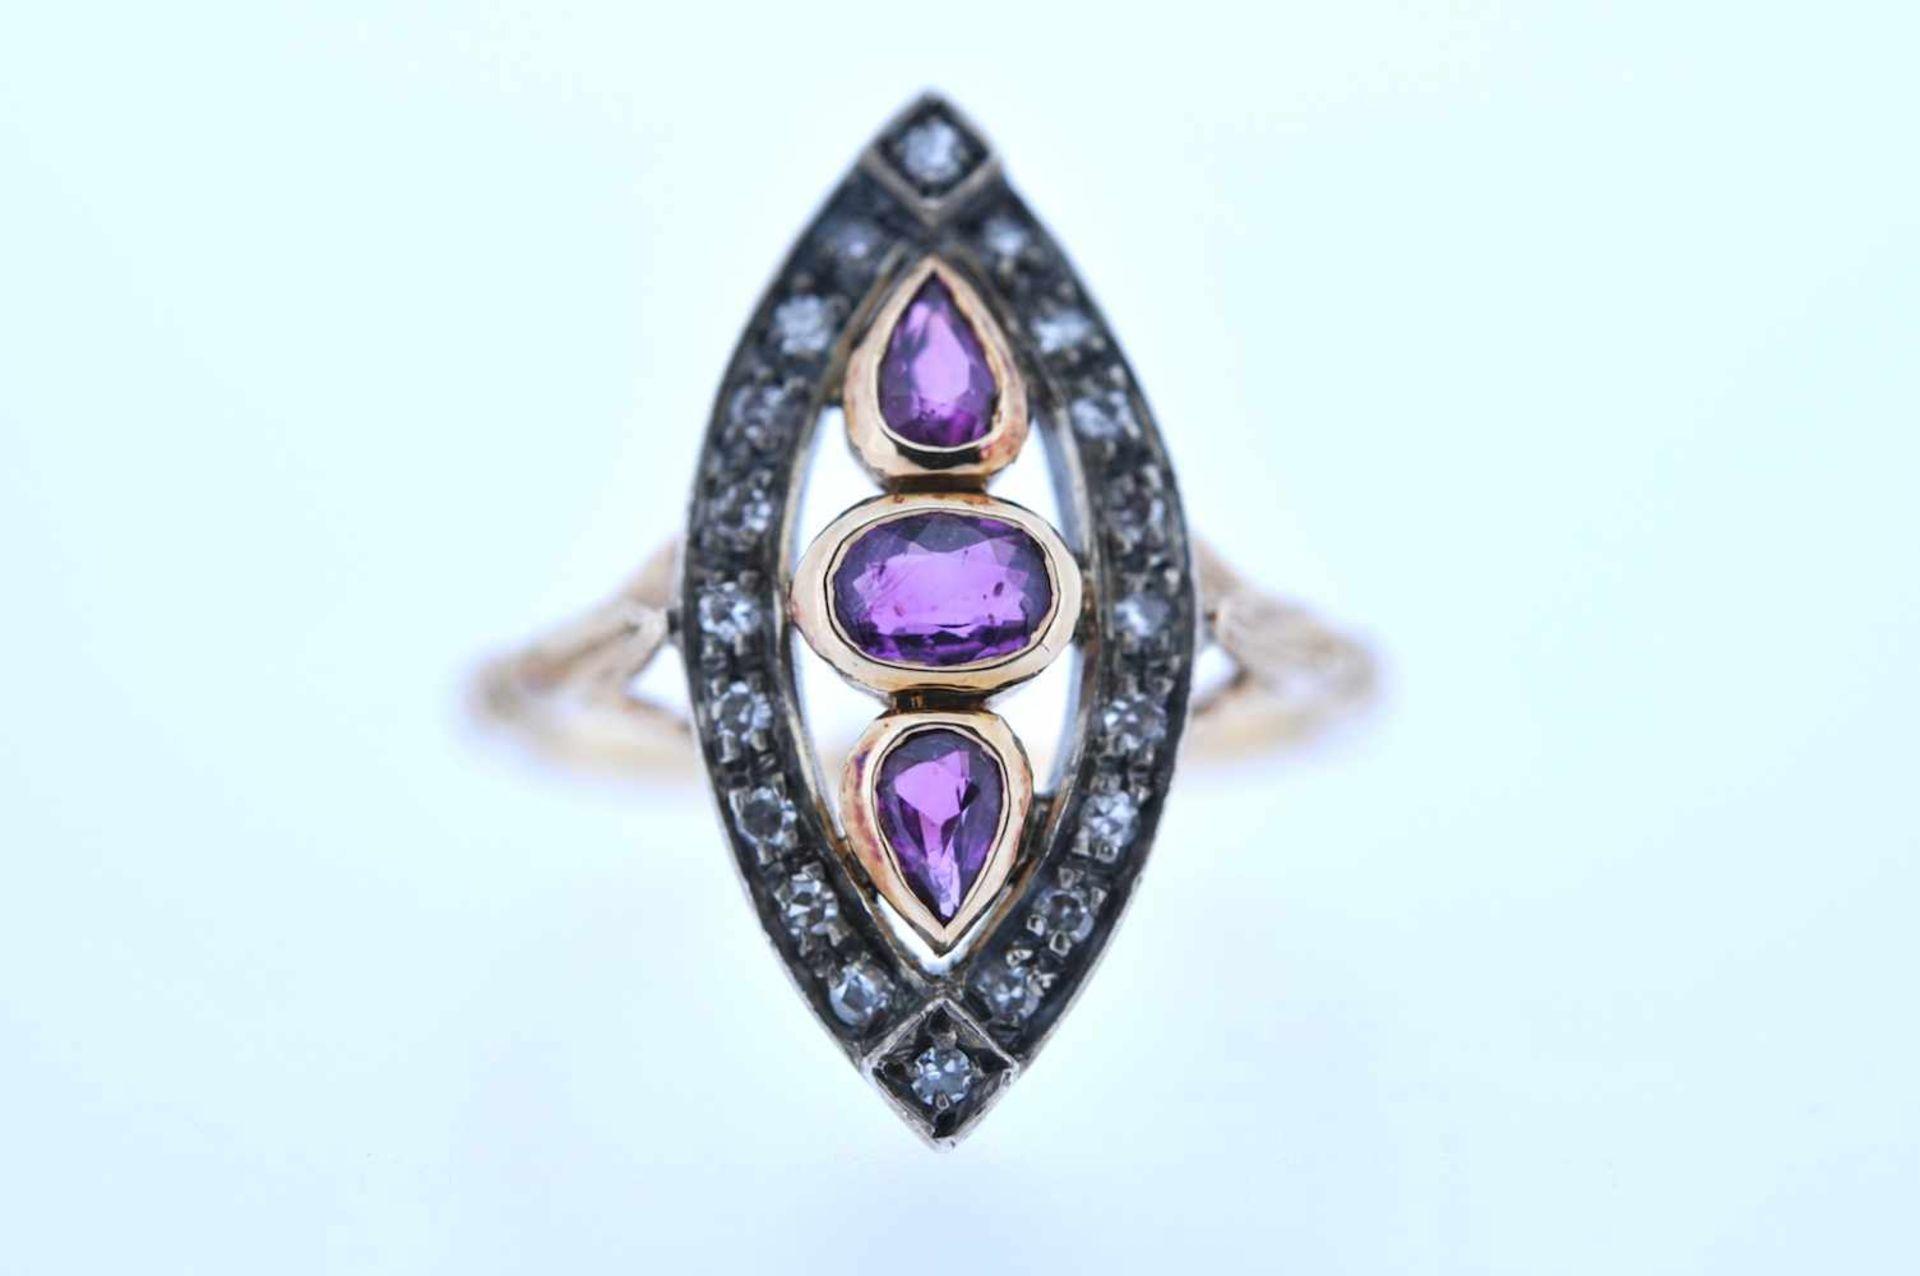 Los 42 - Ring Goldener Ring mit Diamanten, zus. ca. 0,15 ct, und Rubine, zus. ca. 0,5 ct, Ringweite 53, 4,2